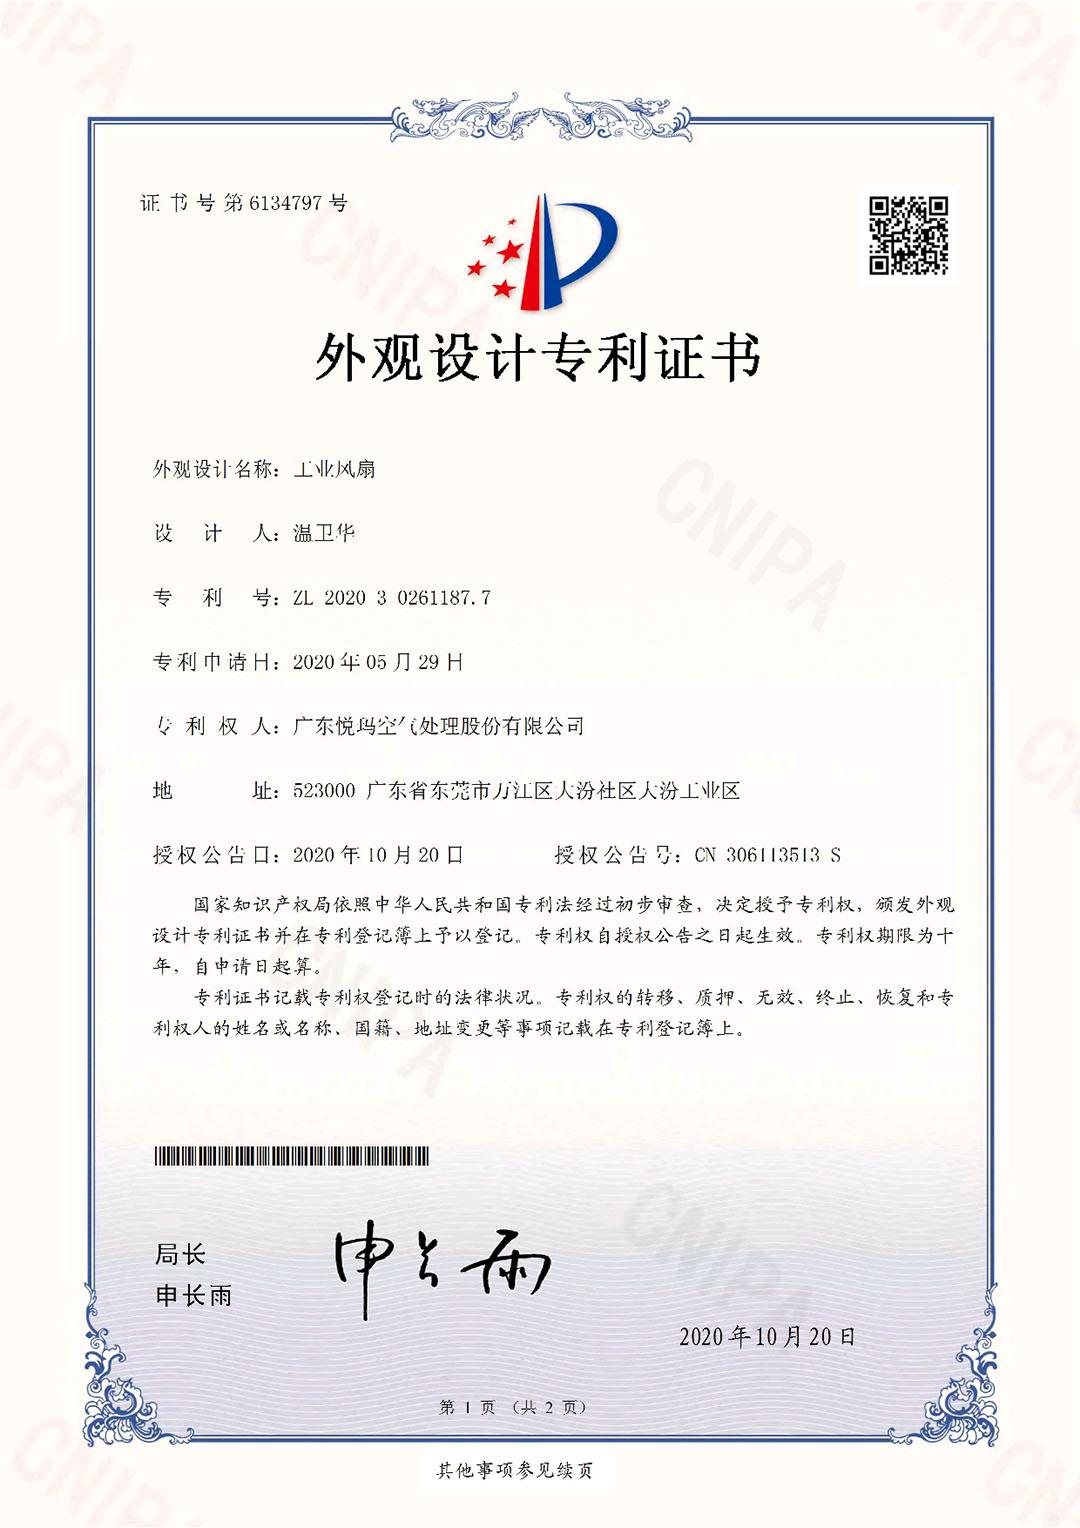 工业风扇外观设计专利证书.jpg